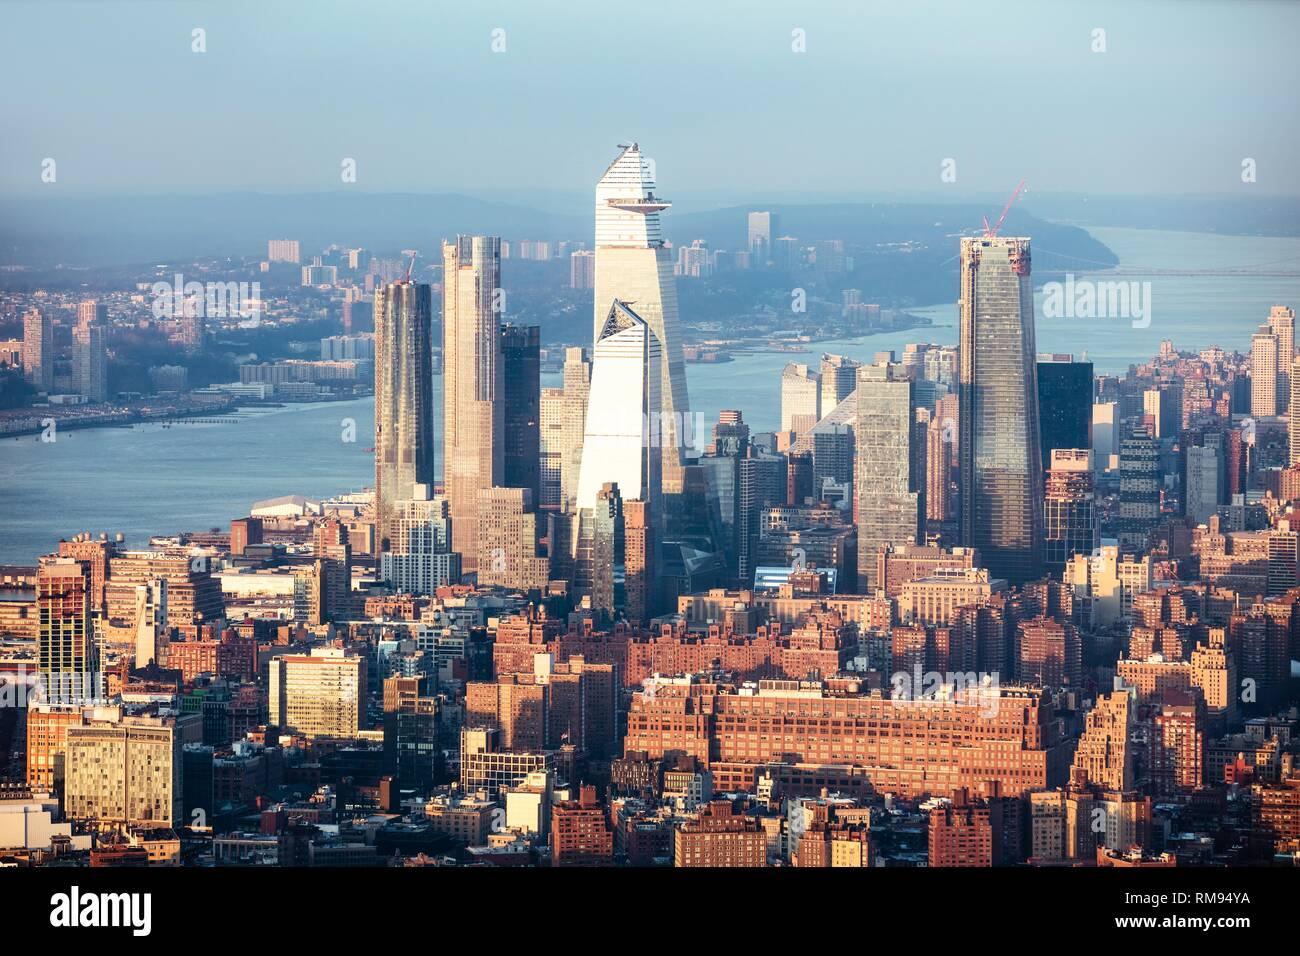 Luftaufnahme von Manhattan Skyline in New York City bei Sonnenuntergang Stockfoto